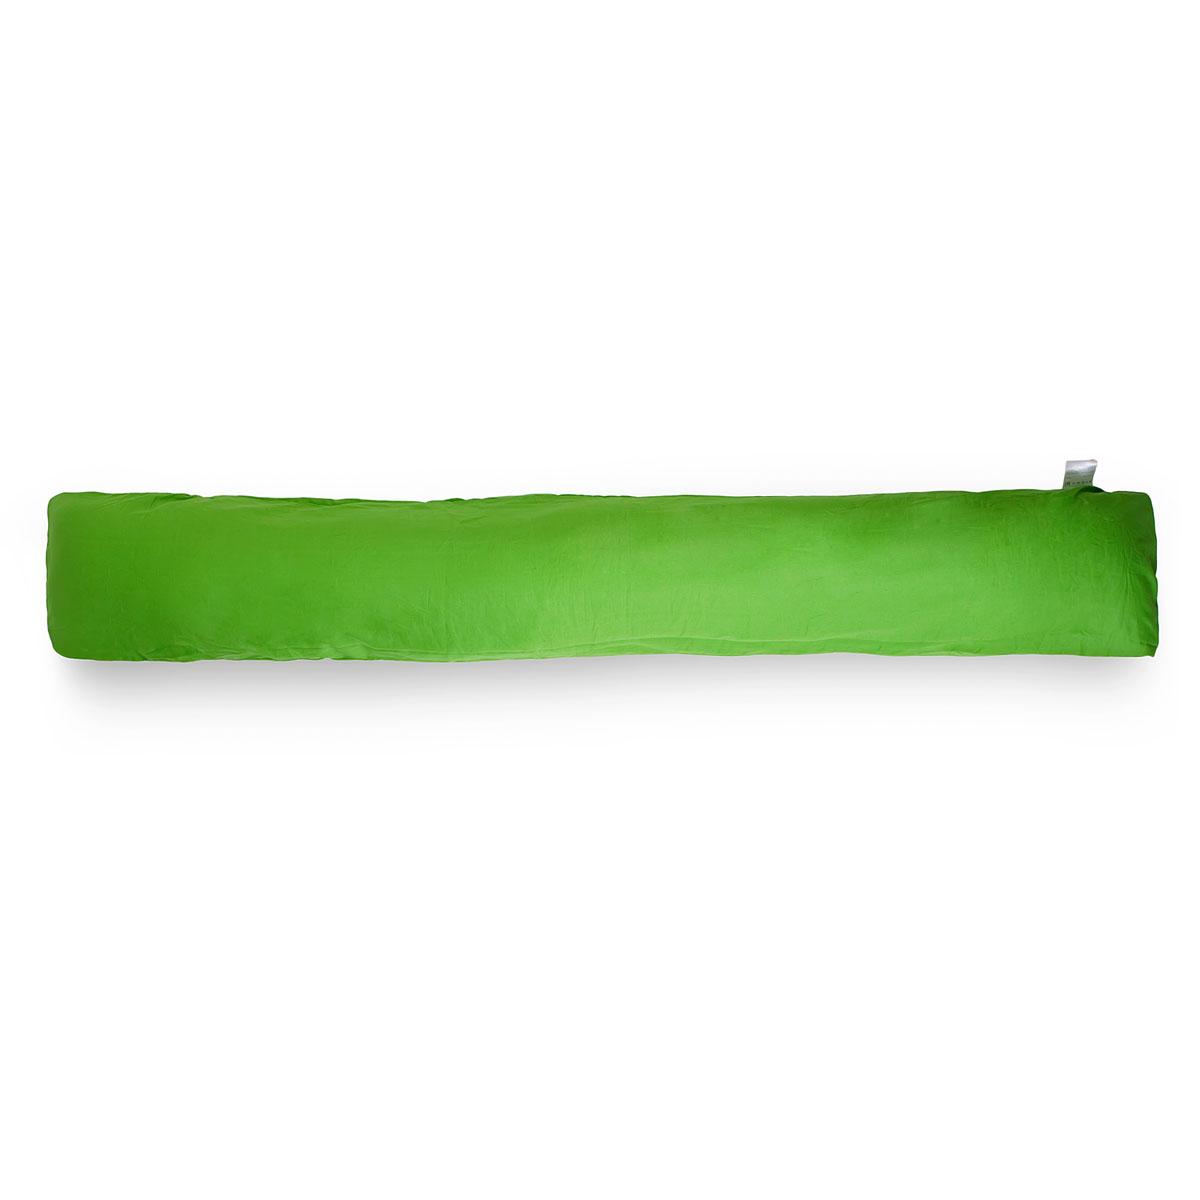 Био-подушка для всего тела I maxi цвет чехла зеленый10503Био-подушка I maxi - это длинная подушка, размера которой будет достаточно для комфорта высоких людей. Это большая подушка подойдет даже мужчинам. Удобна как длинная подушка для изголовья кровати, подушка-позиционер, большая подушка-обнимашка. Идеальна в качестве оригинального подарка парню или девушке.Мягкий наполнитель из тонкого полиэфирного волокна (экофайбер) гигиеничен и прост в уходе (машинная стирка). Подушка мягкая и комфортная, равномерно наполнена. Вы можете сгибать и скручивать подушку, чтобы принять удобную позу, потом подушка вернет свою первоначальную форму. Съемный чехол из хлопковой ткани защитит вашу подушку от загрязнений, он легко снимается и одевается, долговечен и прост в уходе.